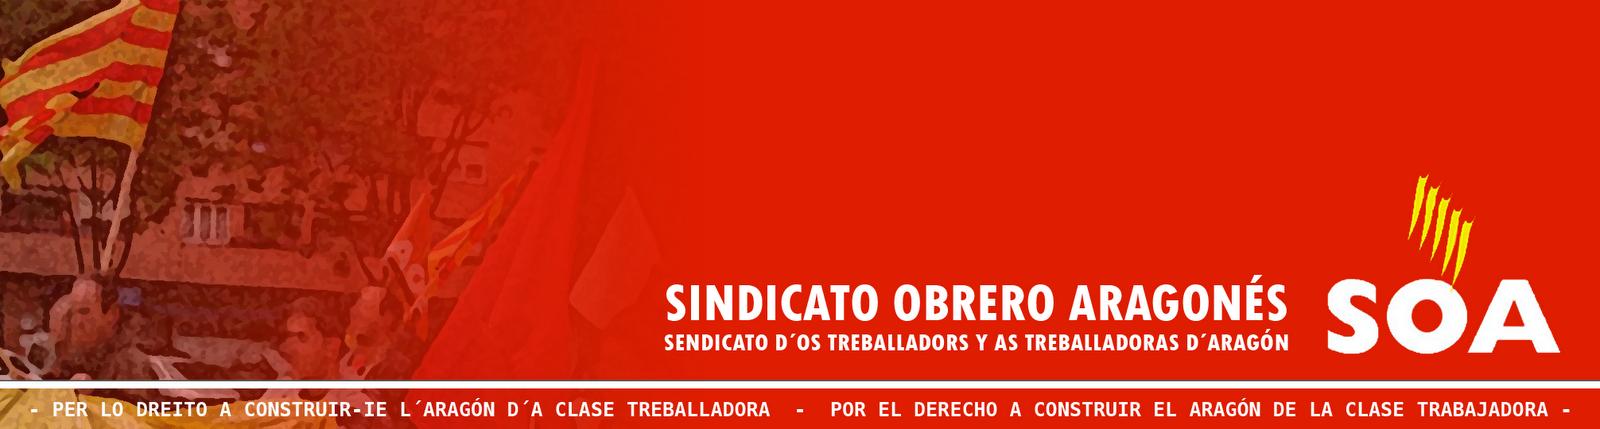 SINDICATO OBRERO ARAGONÉS (SOA)